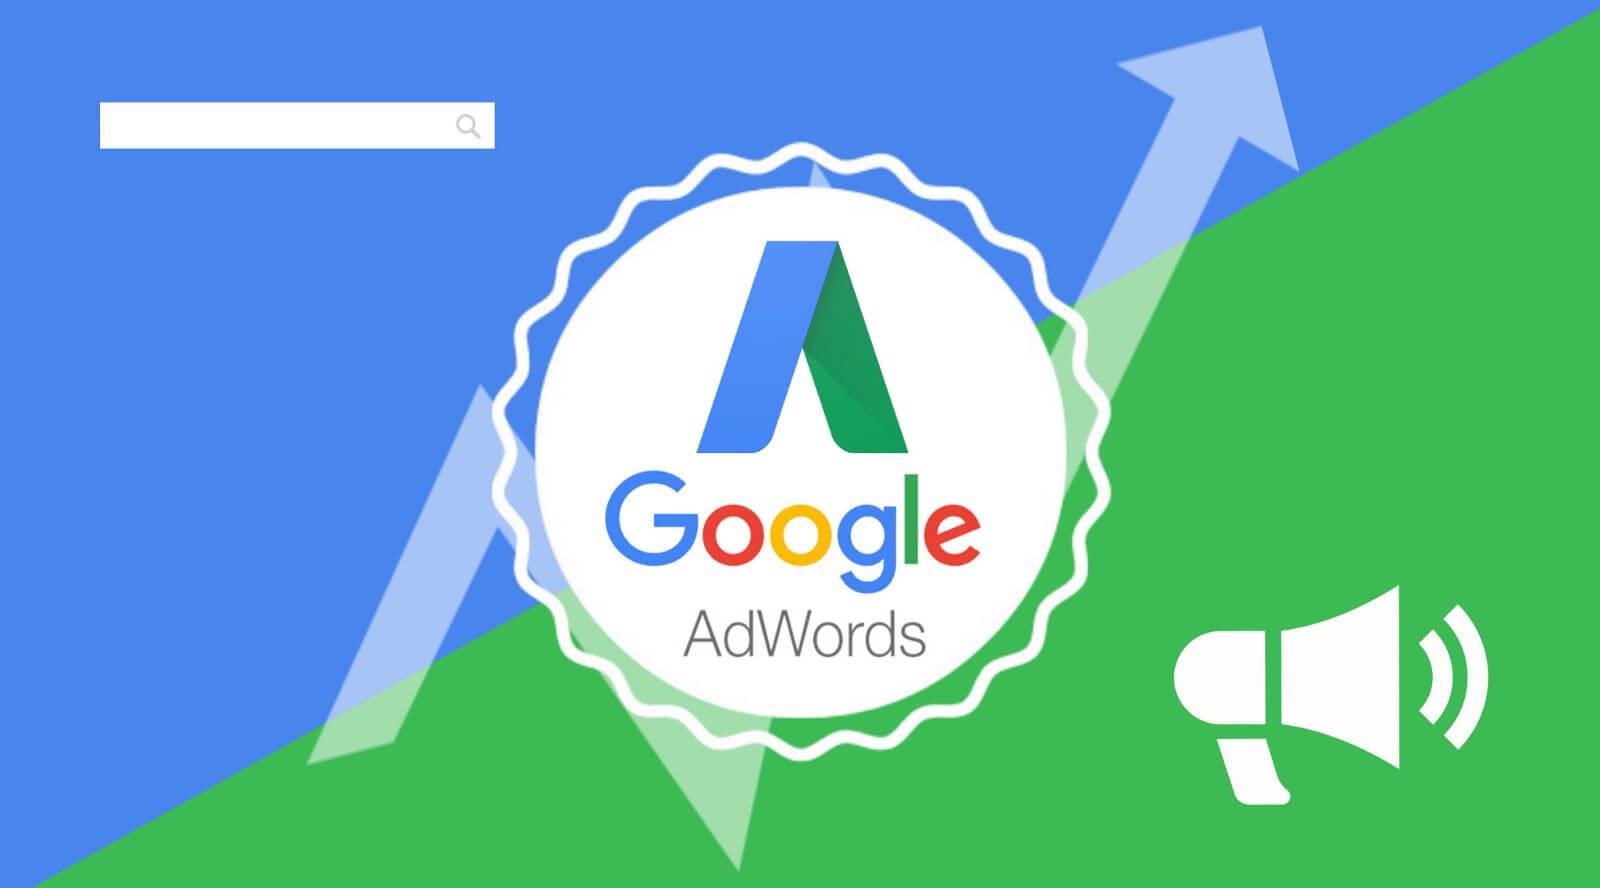 干货|仅用一分钟,创作优质Google搜索广告文案!